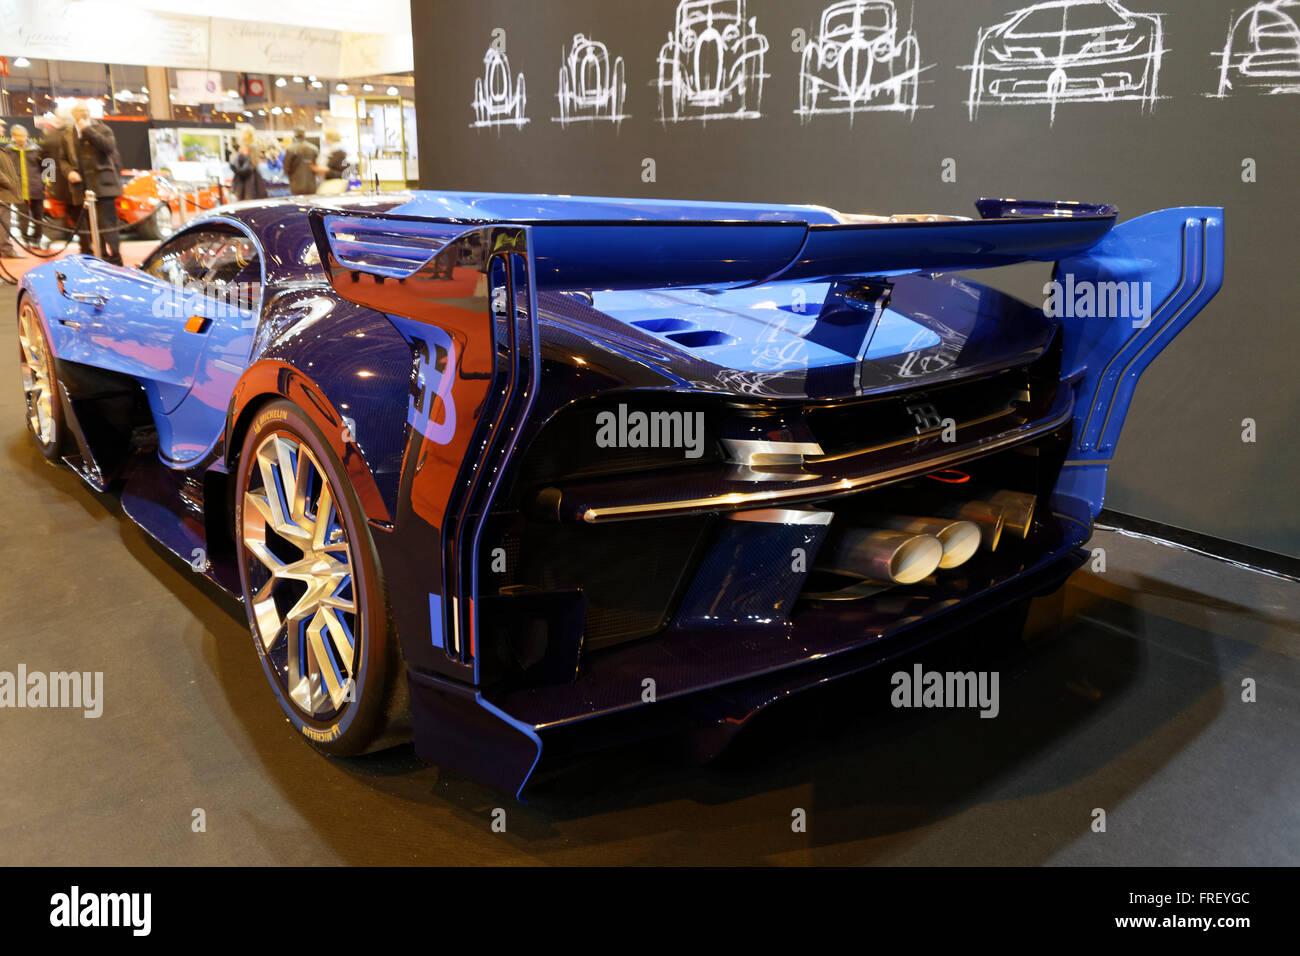 Bugatti Vision Gran Turismo a Retromobile Show di Parigi, Francia. © Veronique Phitoussi / Alamy Stock Photo Immagini Stock